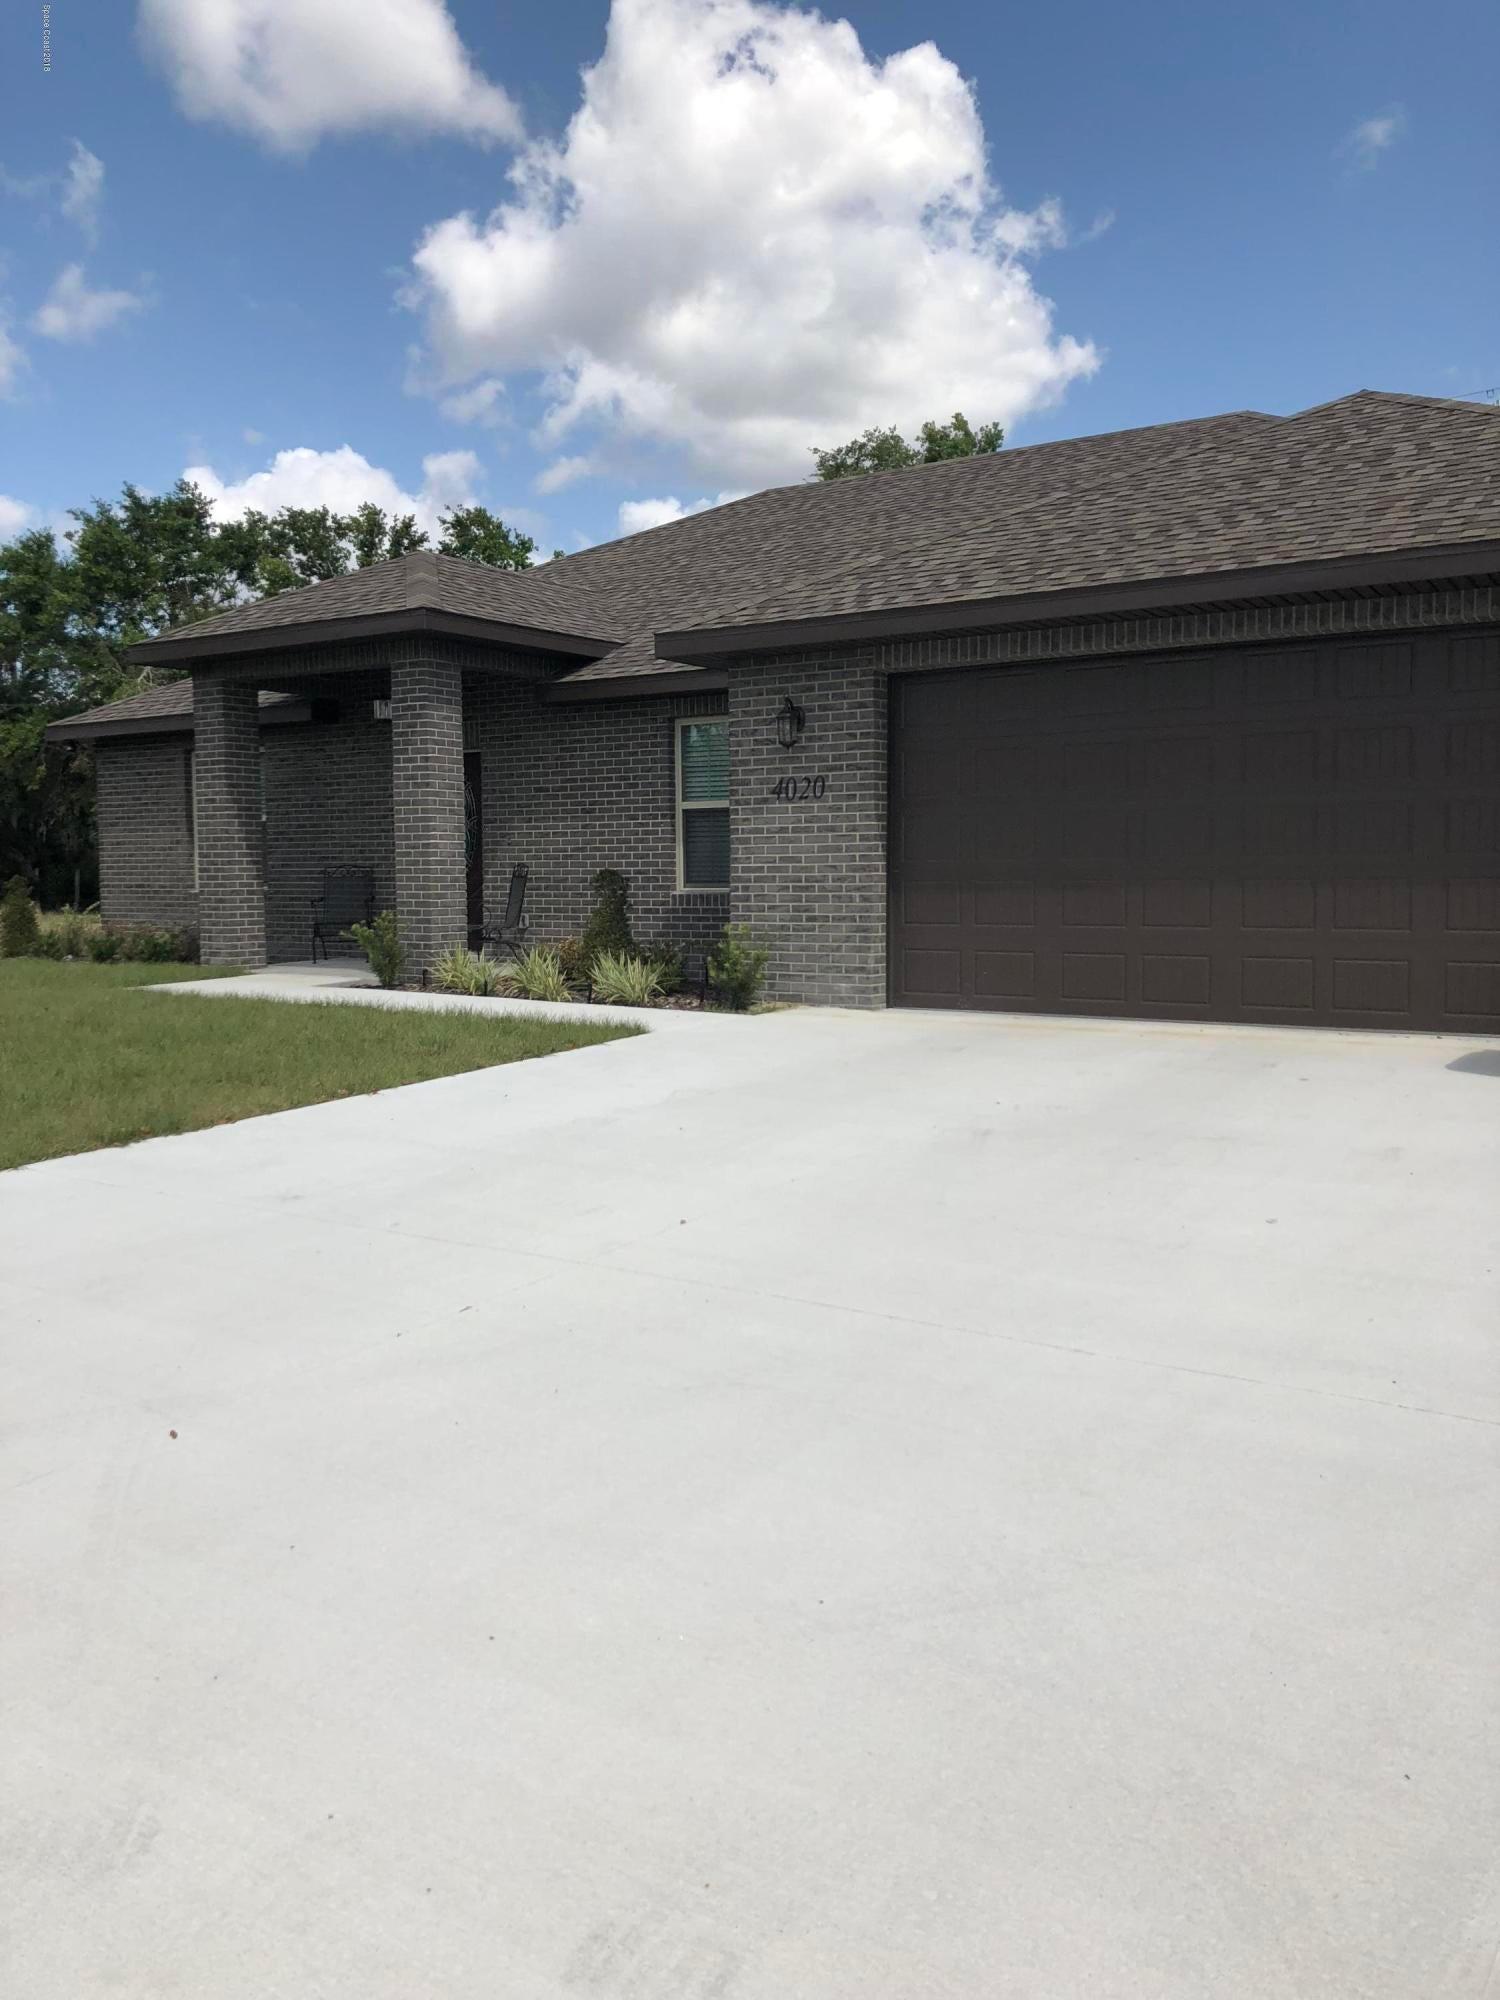 Einfamilienhaus für Verkauf beim 4020 W Barr 4020 W Barr Titusville, Florida 32796 Vereinigte Staaten